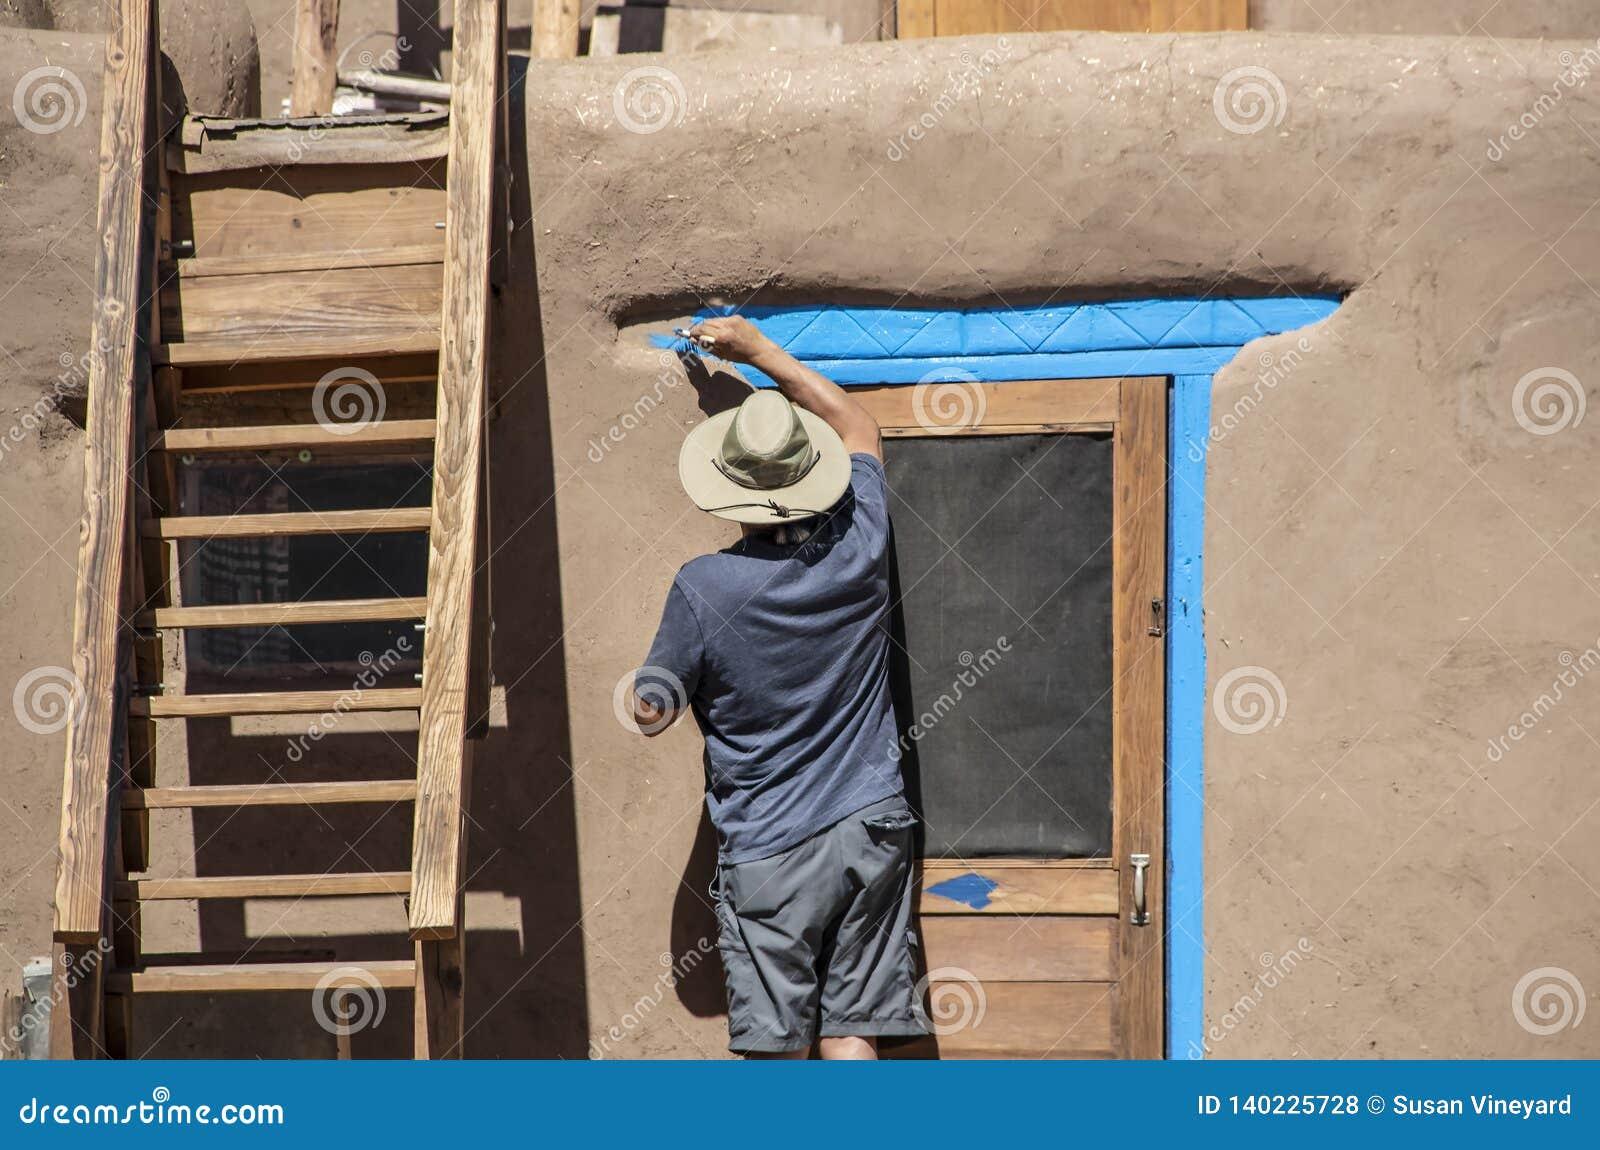 Tillbaka av indianmannen i kortslutningar och denskjorta och solhatten som målar ljus blått-turkos runt om dörren av en gyttjaAdo